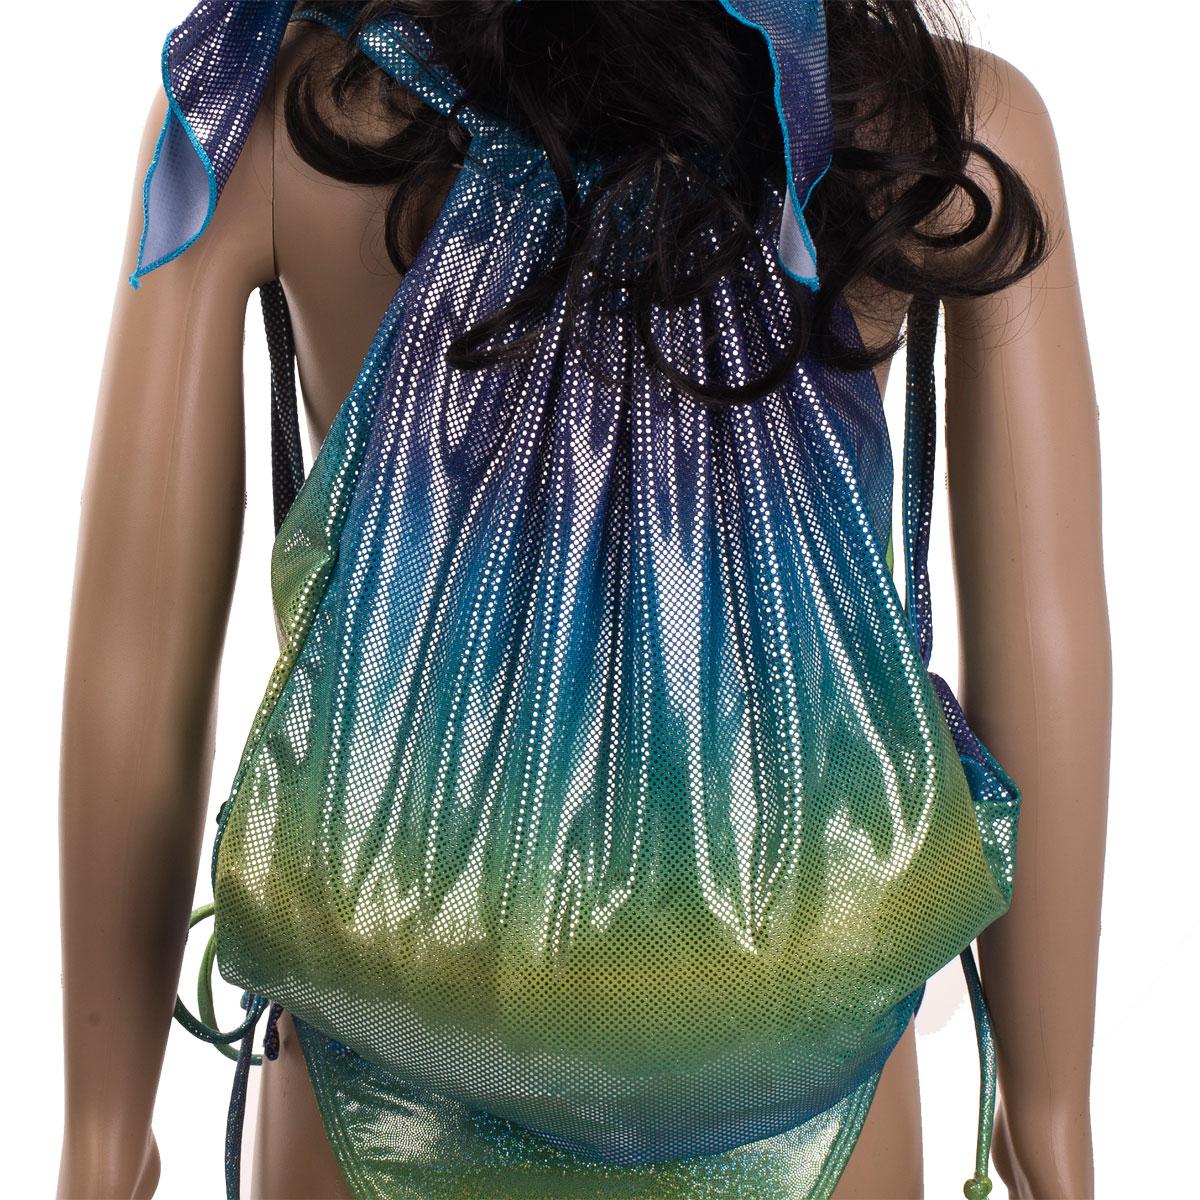 спортивная сумка для плавания Polyplay f5002 2013